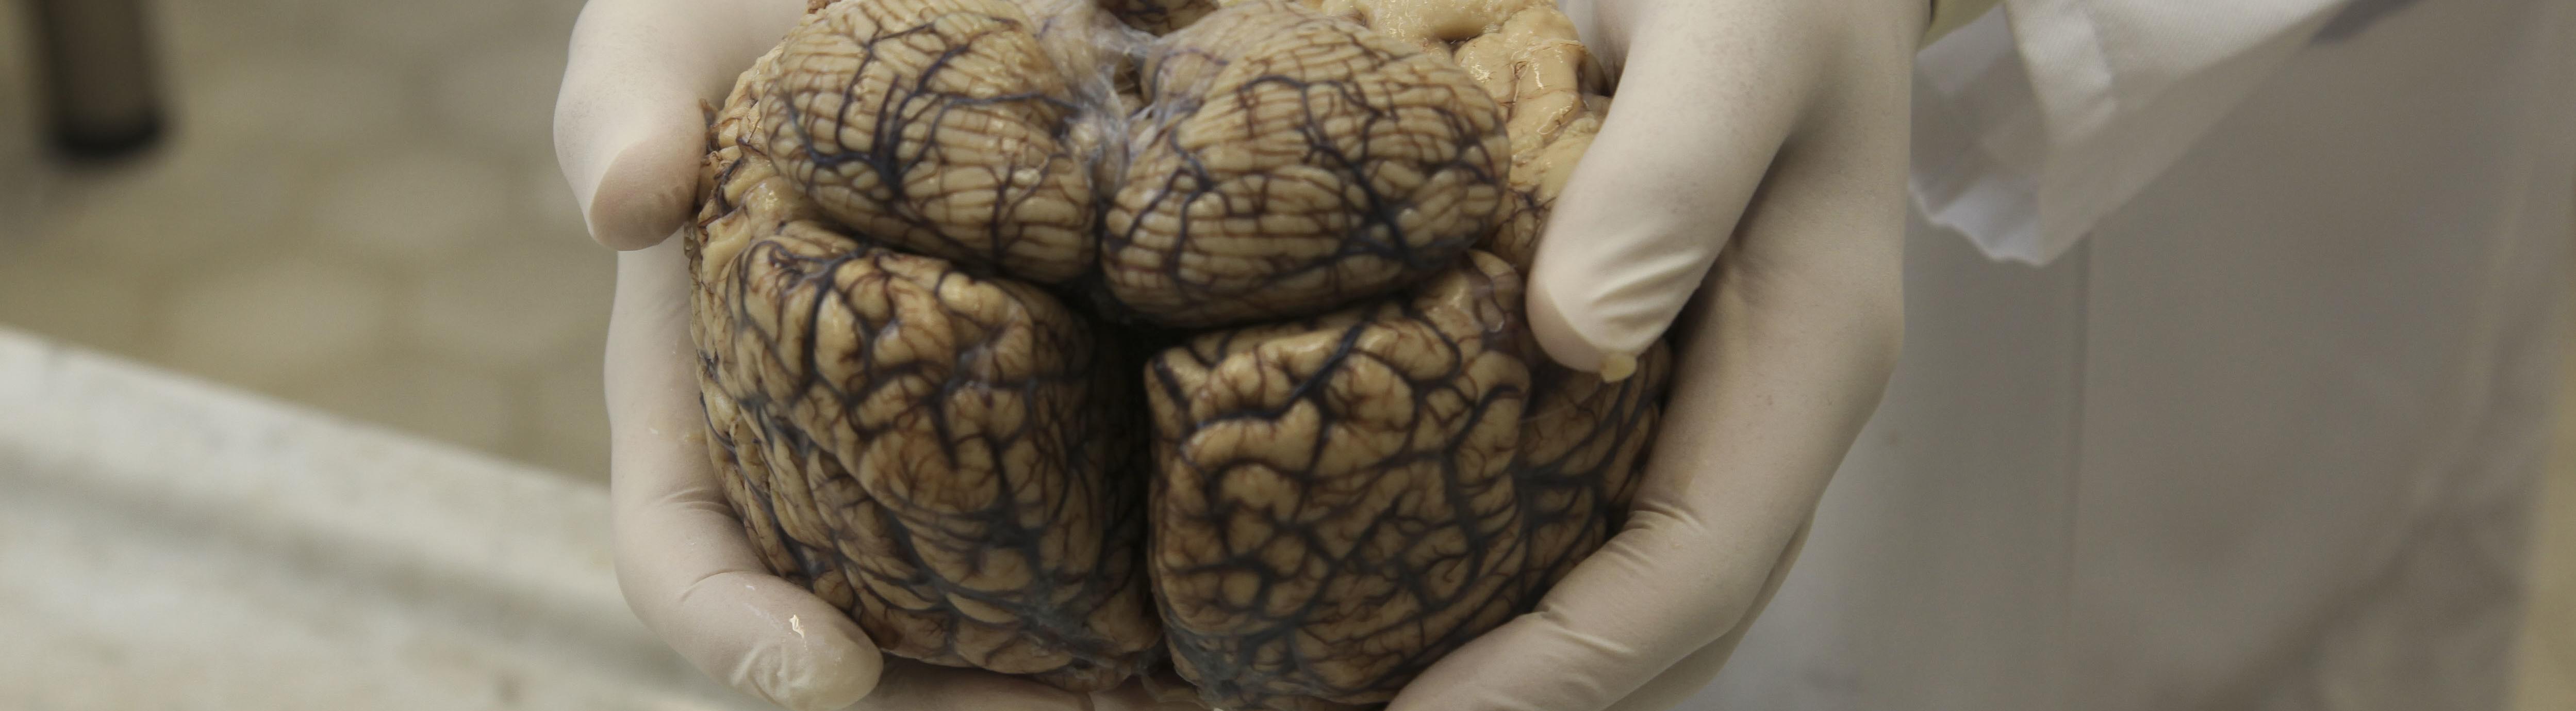 Manche Erkrankungen kann man noch nach dem Tod erkennen: Menschliches Gehirn in der Pathologie der Charité Berlin